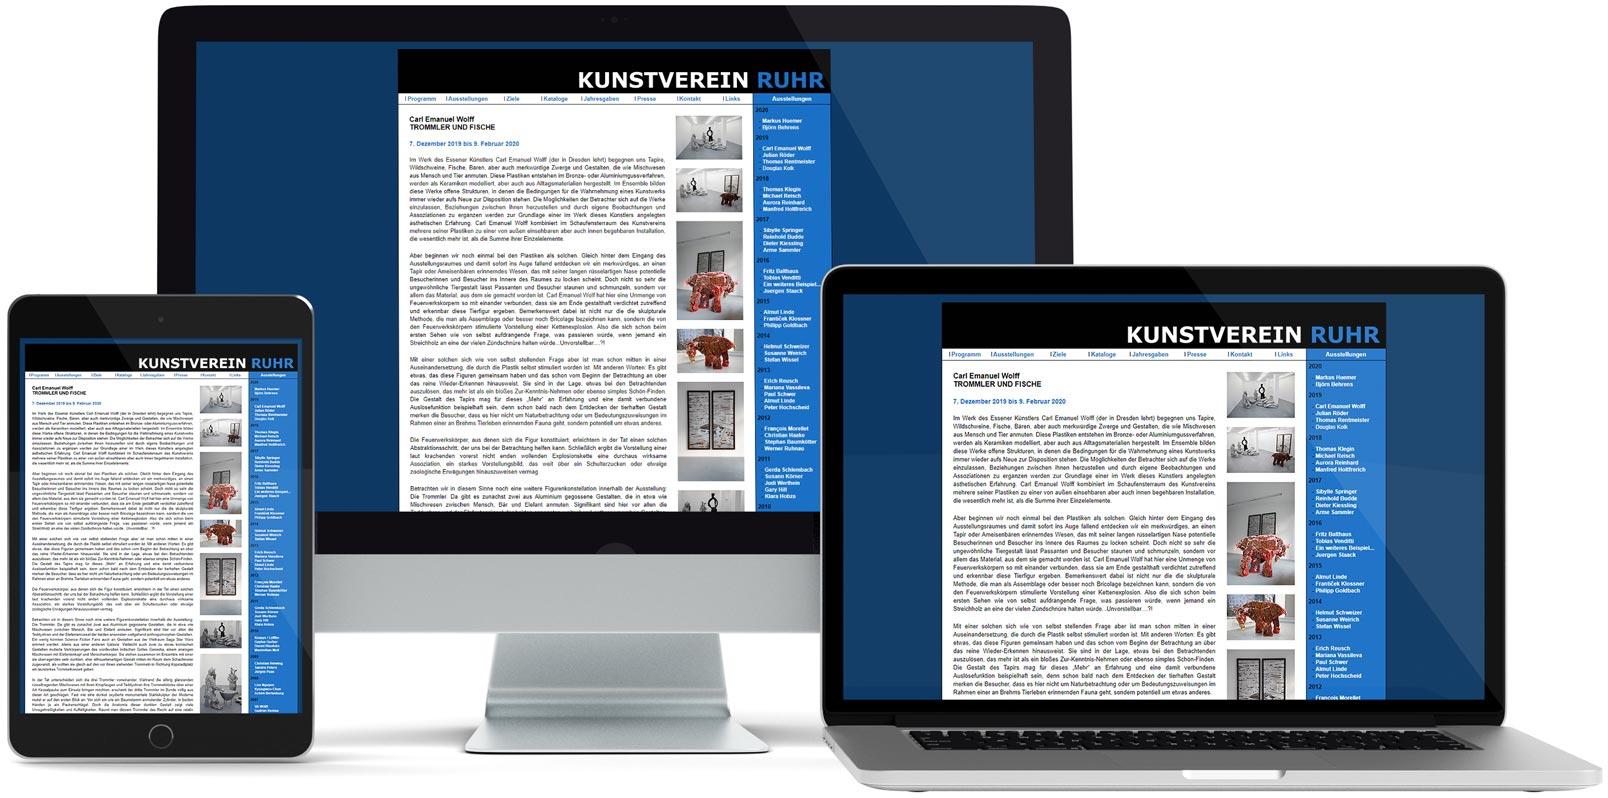 Dreamweaver Webdesign: Kunstverein Ruhr e.V.